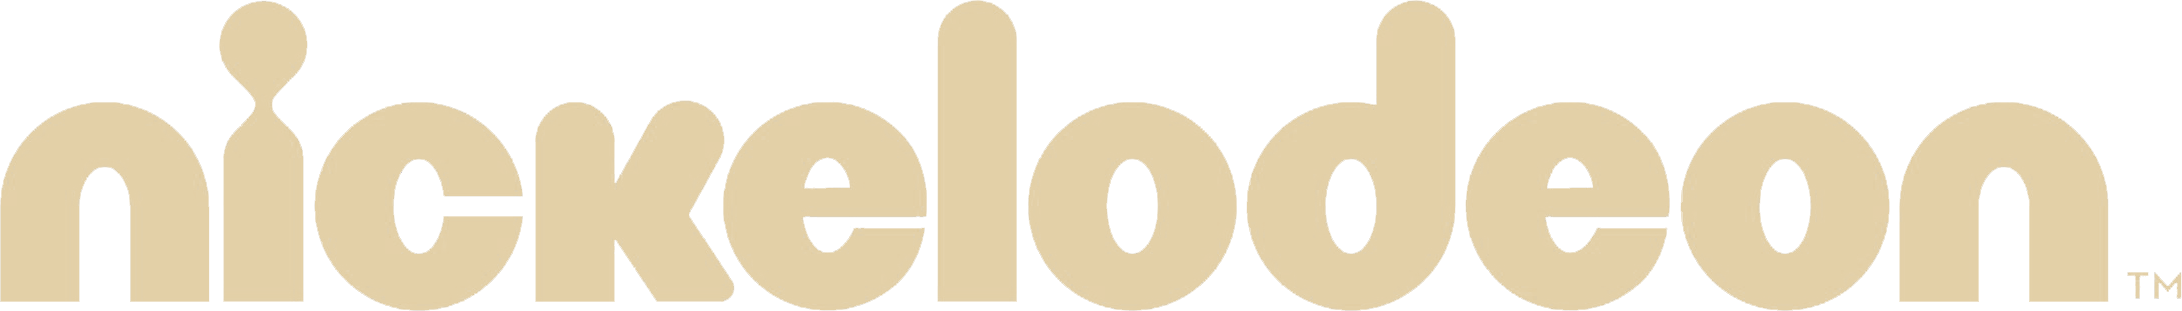 Nick-LogoGold